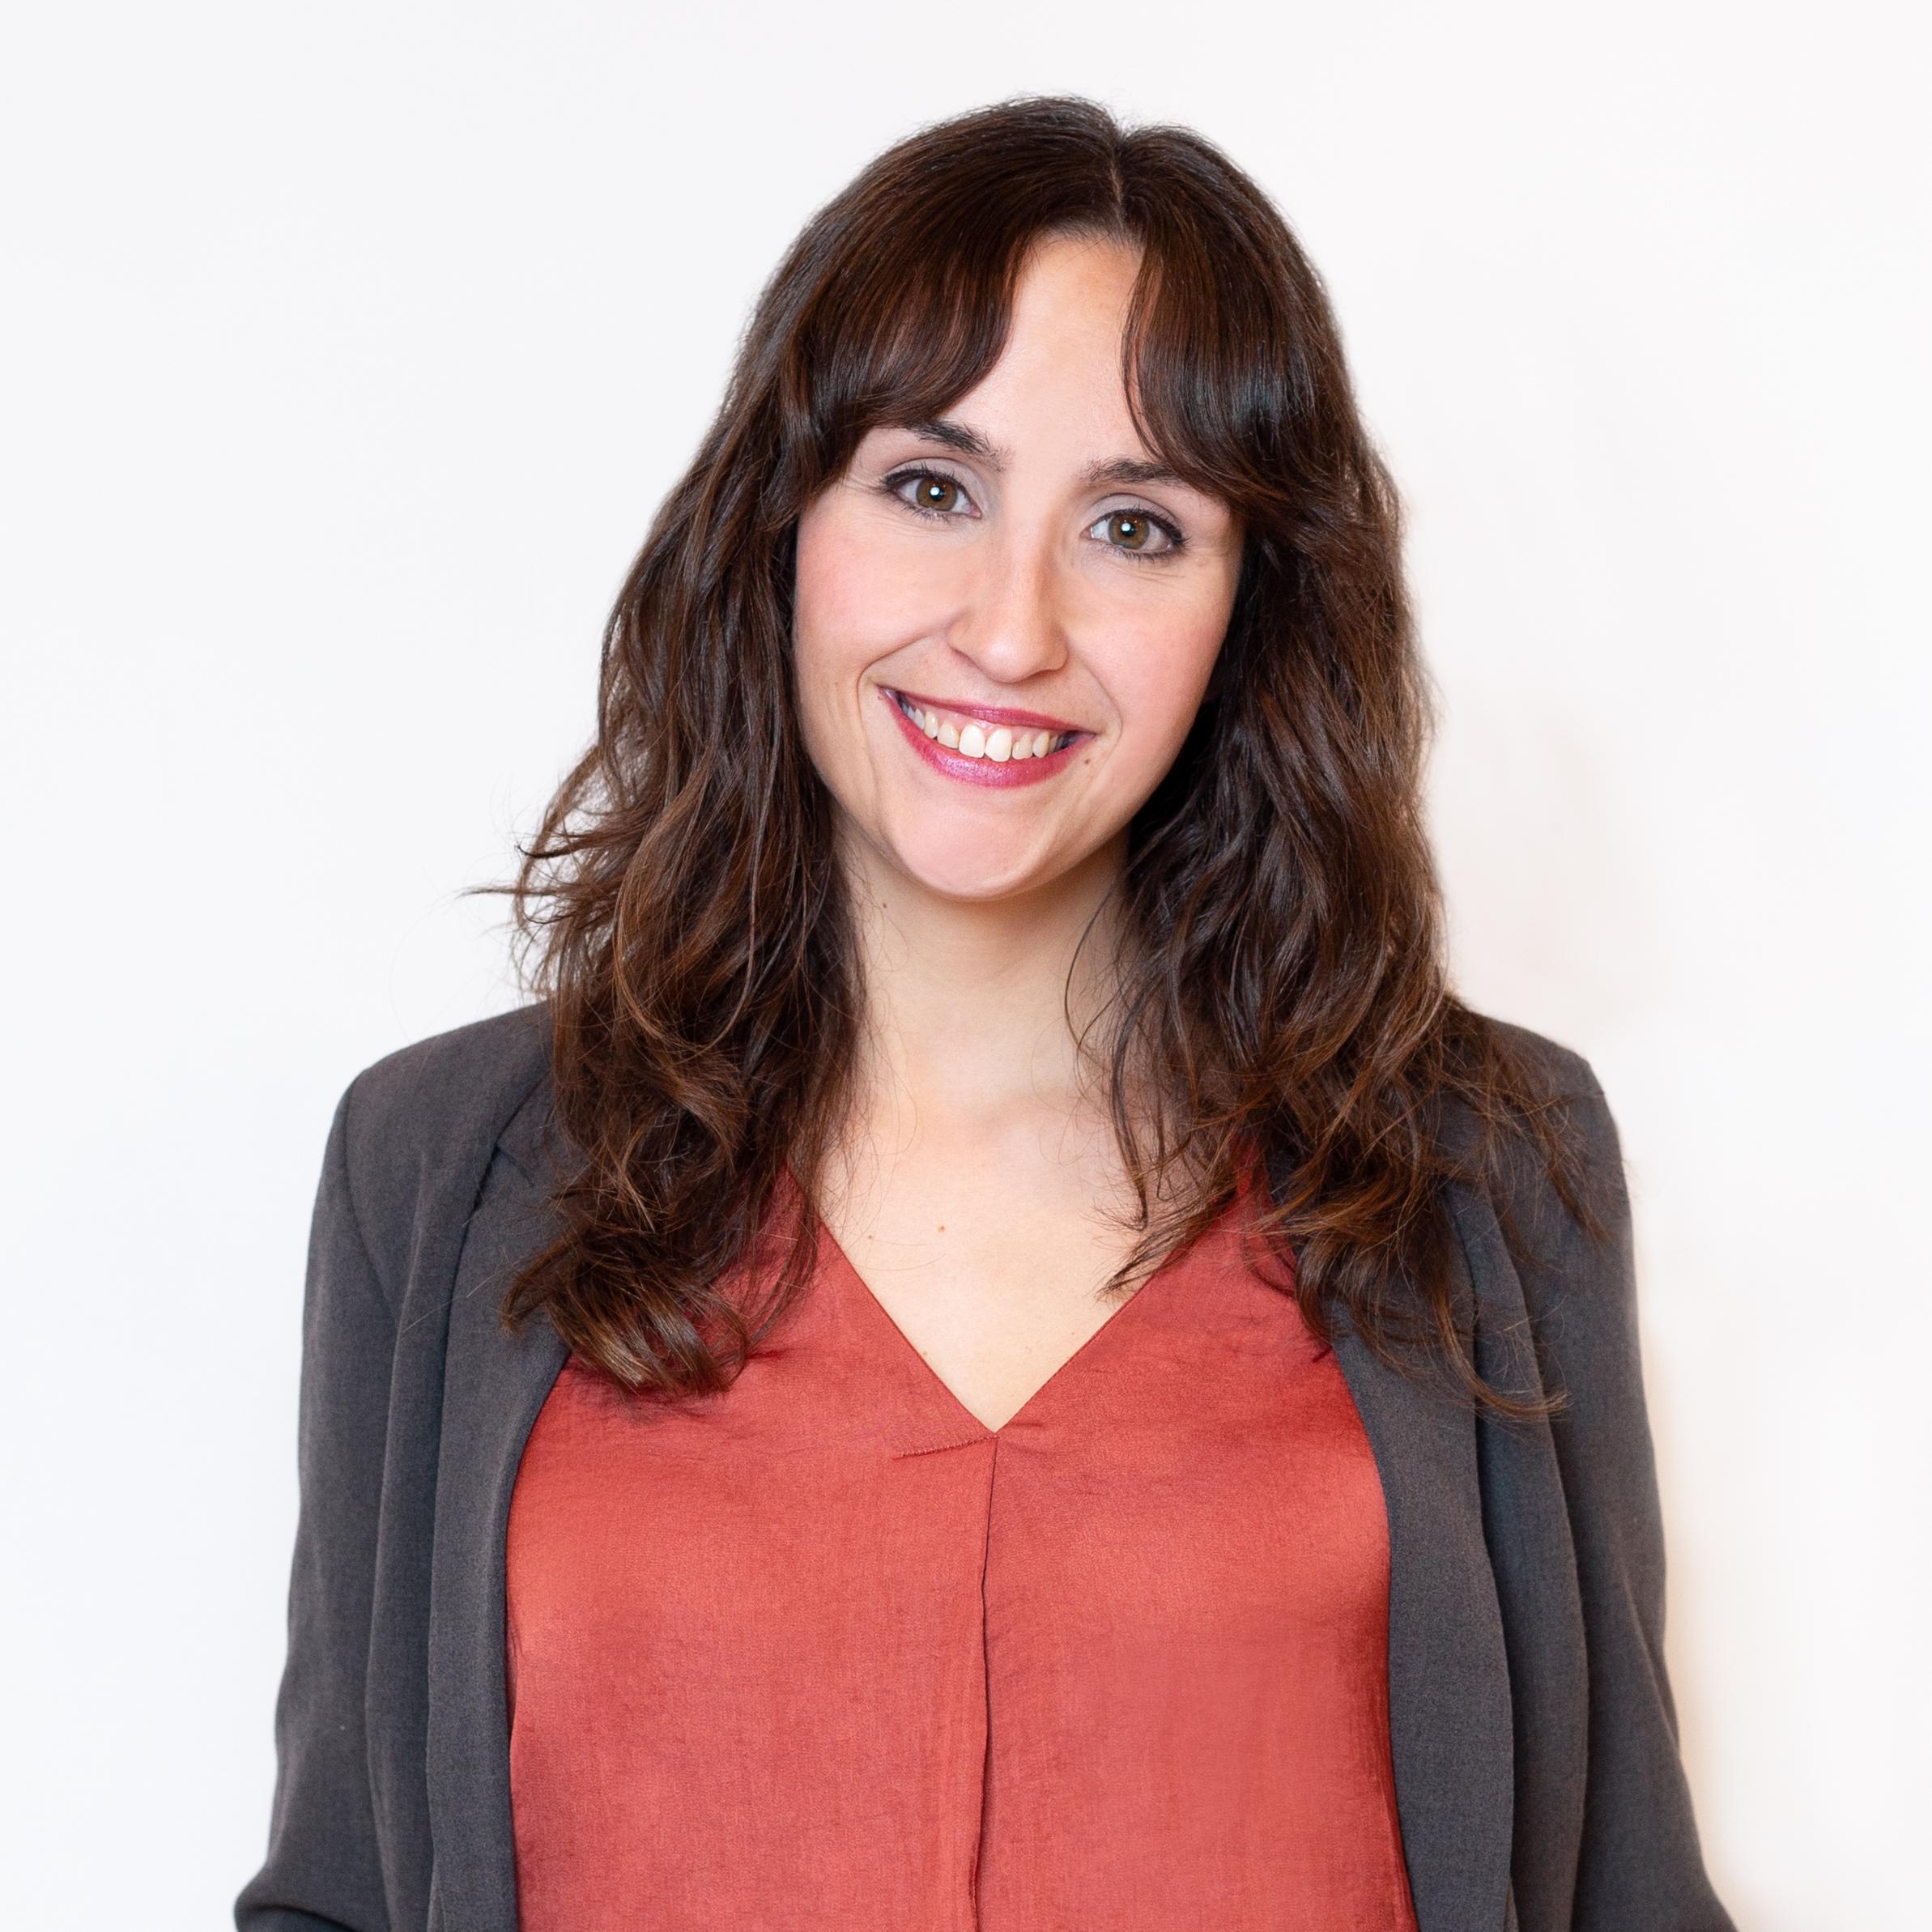 Silvia Cuenca Morillas